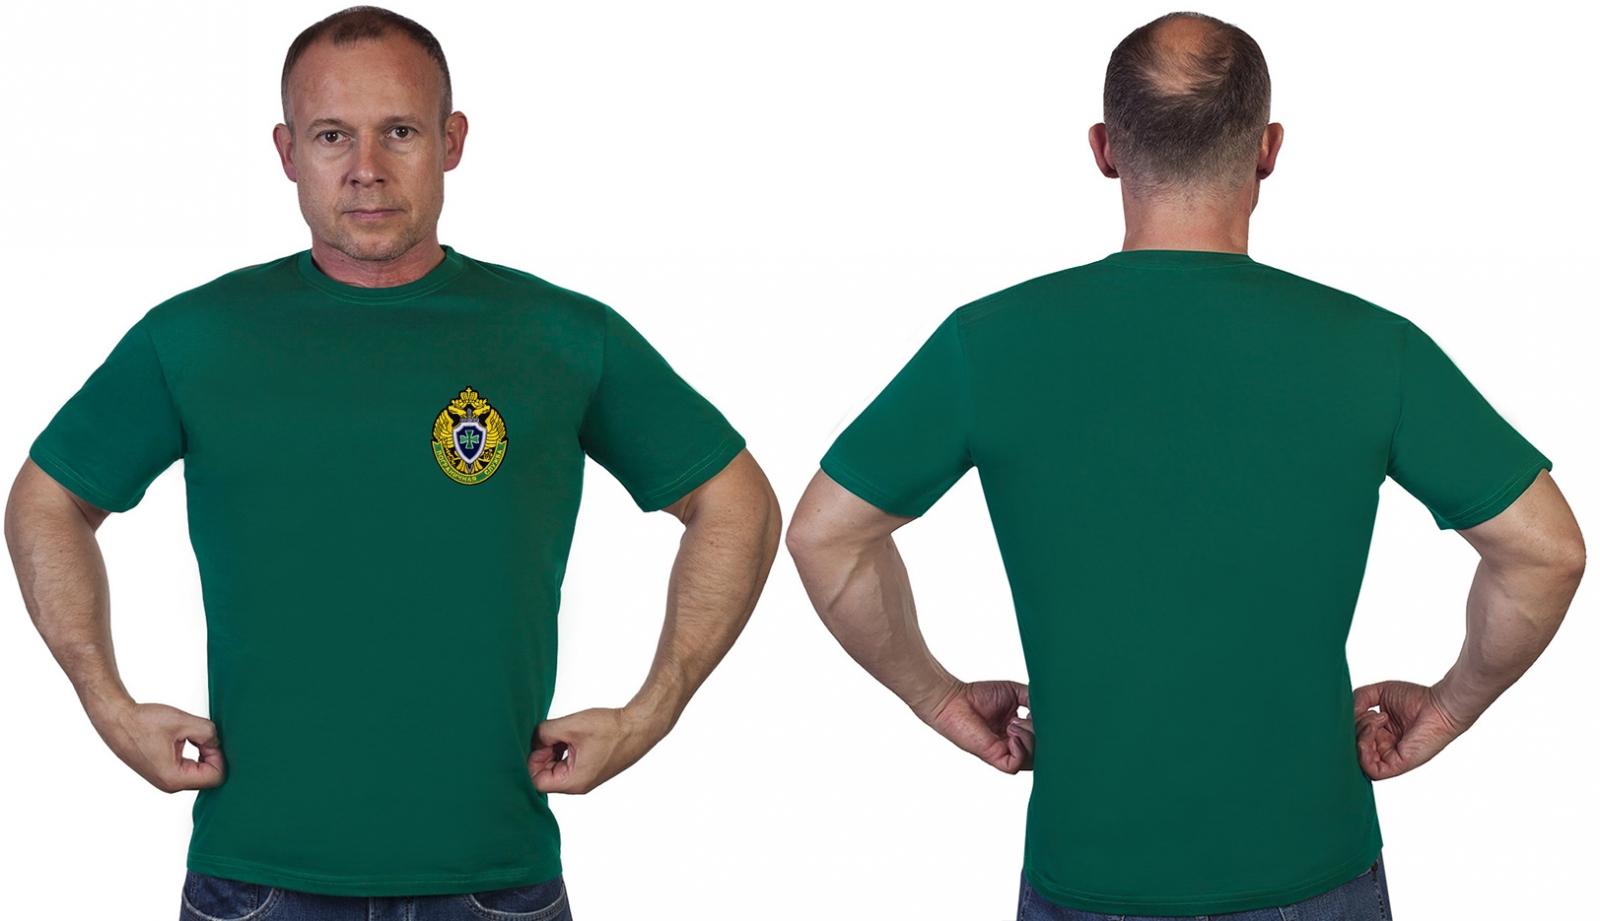 Зелёная футболка с вышитой эмблемой Пограничной службы - в розницу и оптом